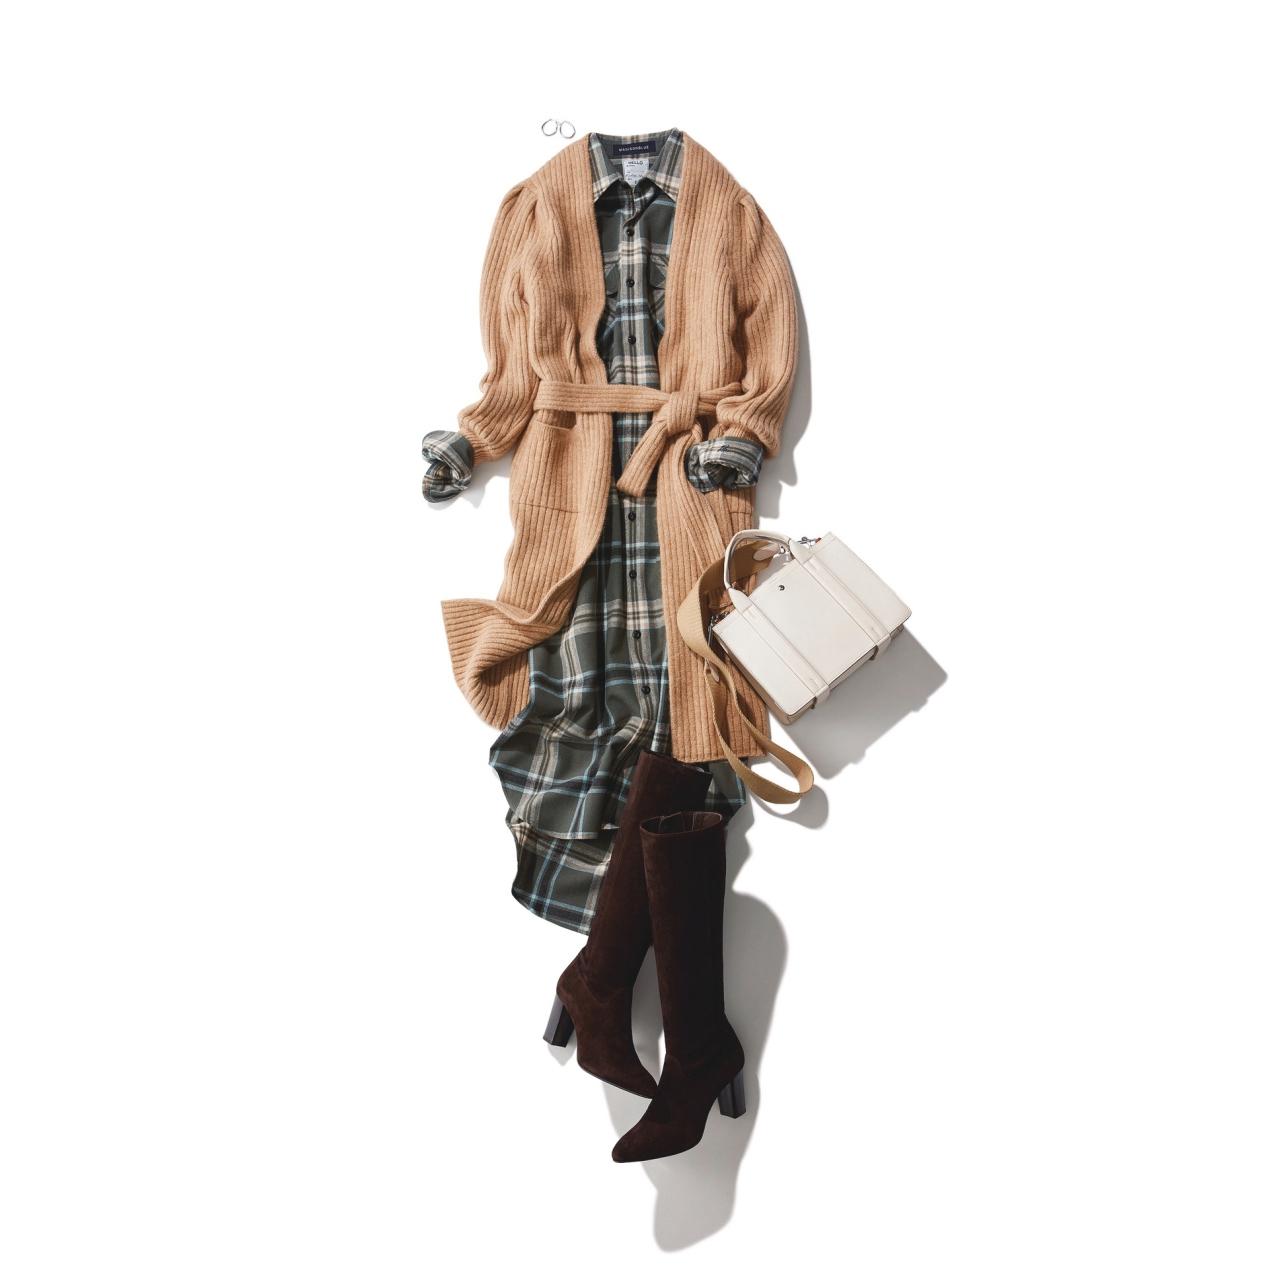 2018年秋冬 人気ファッションコーデランキング25位